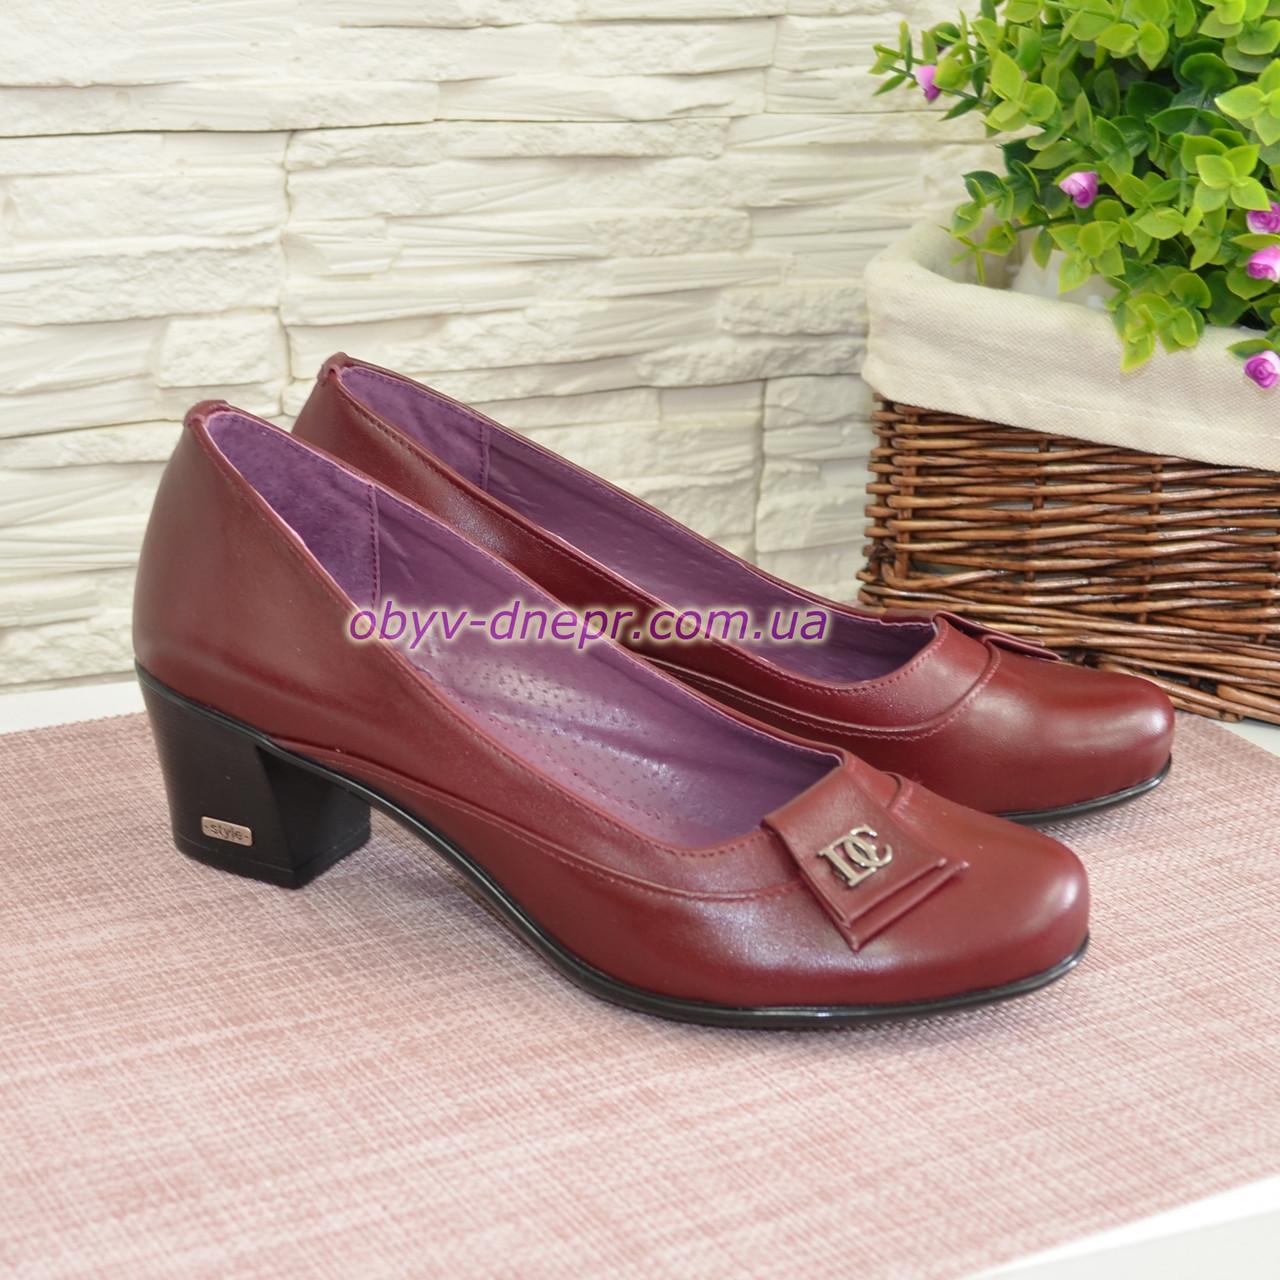 Женские кожаные туфли на невысоком каблуке, цвет бордо